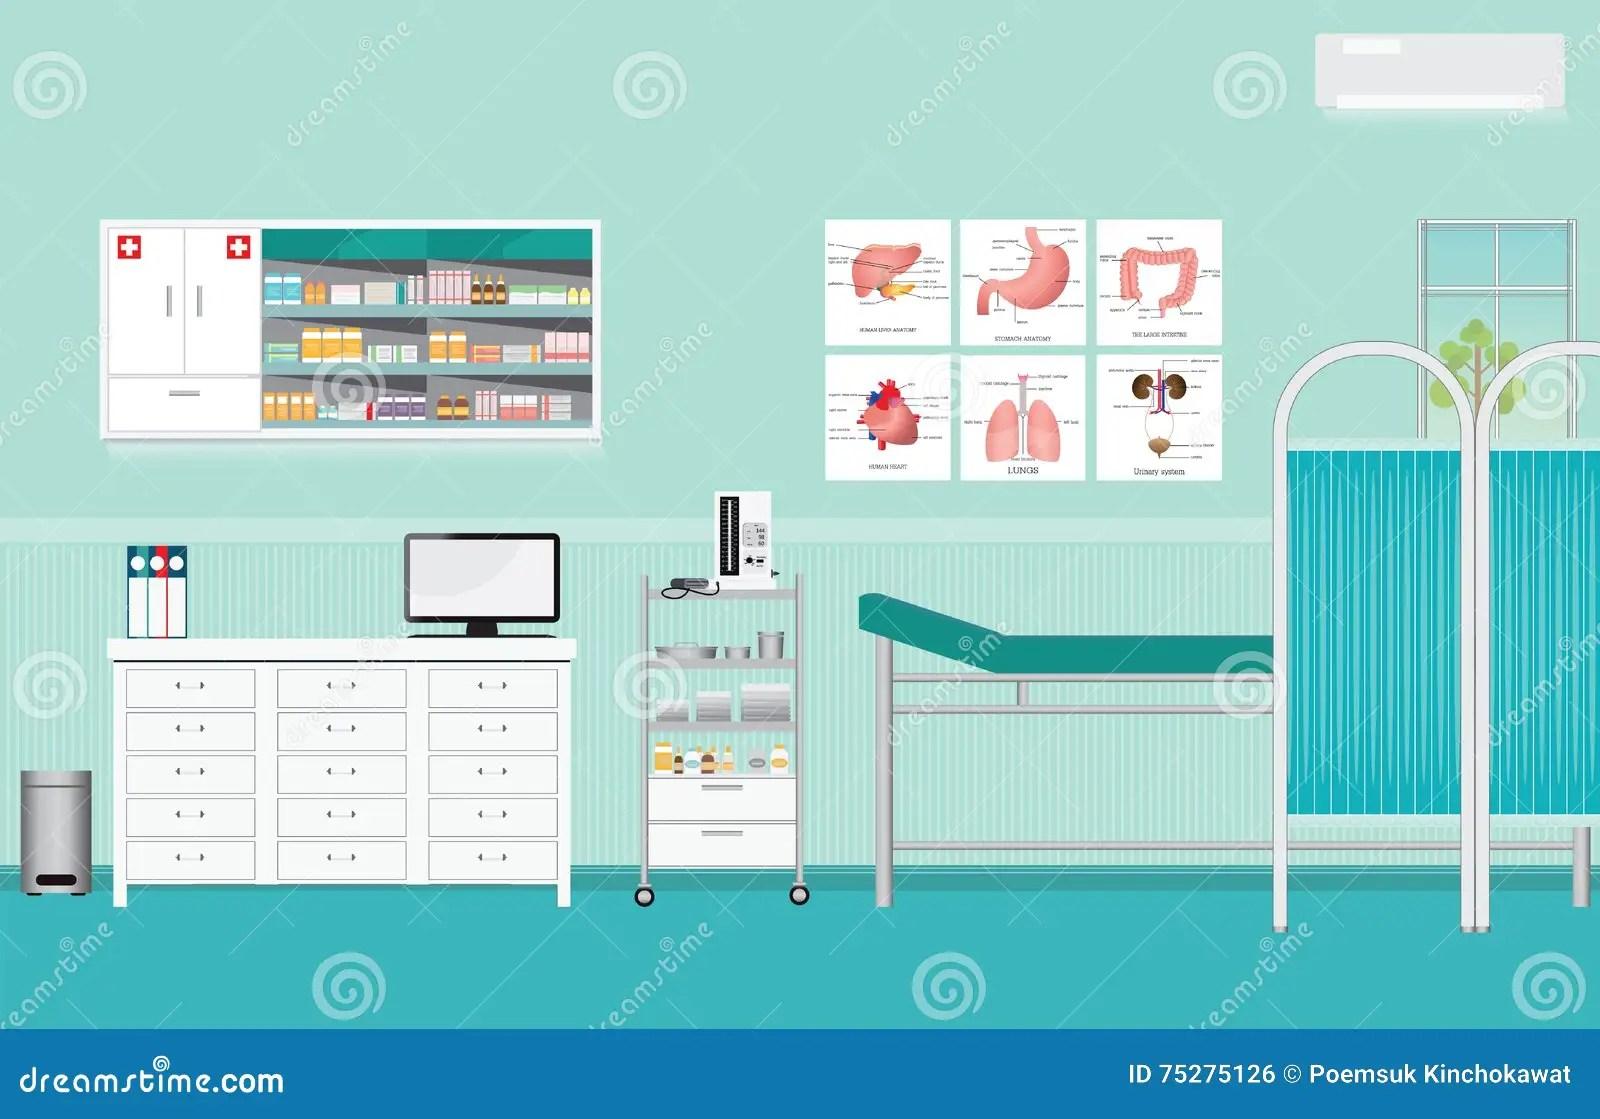 Find Job Interior Design